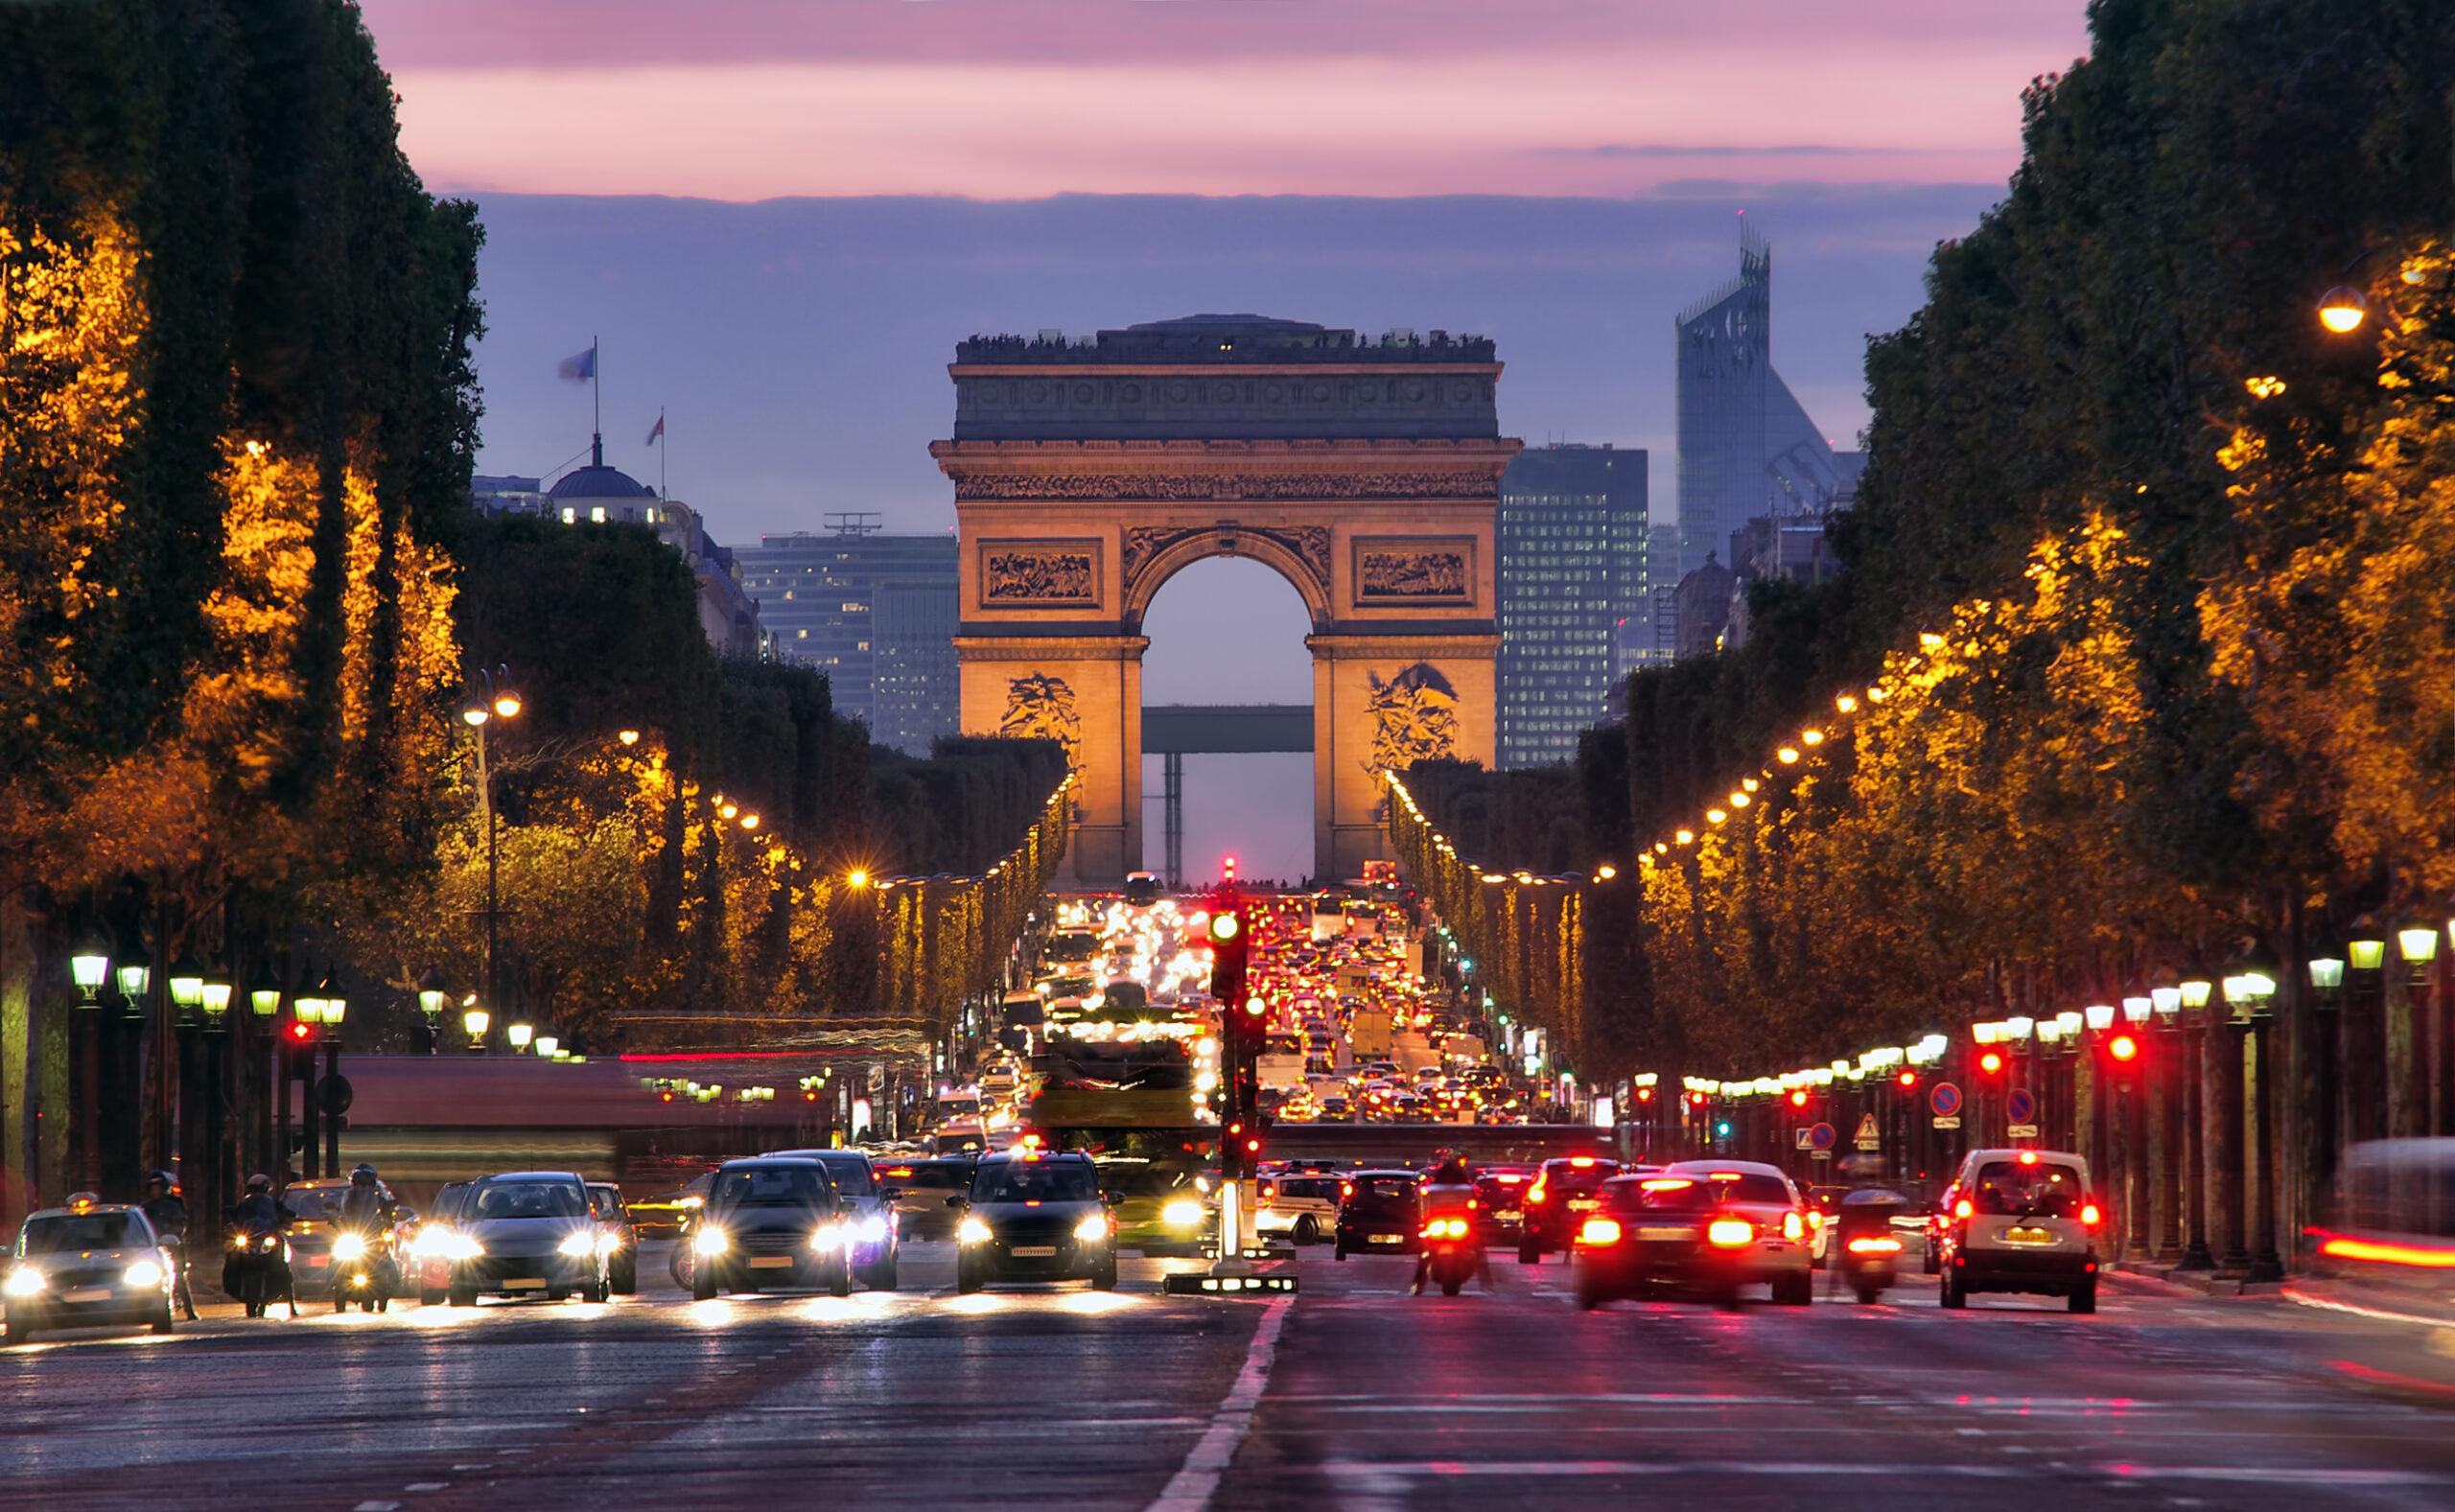 フランスのデジタル通貨・実証実験、債券取引で試験運用